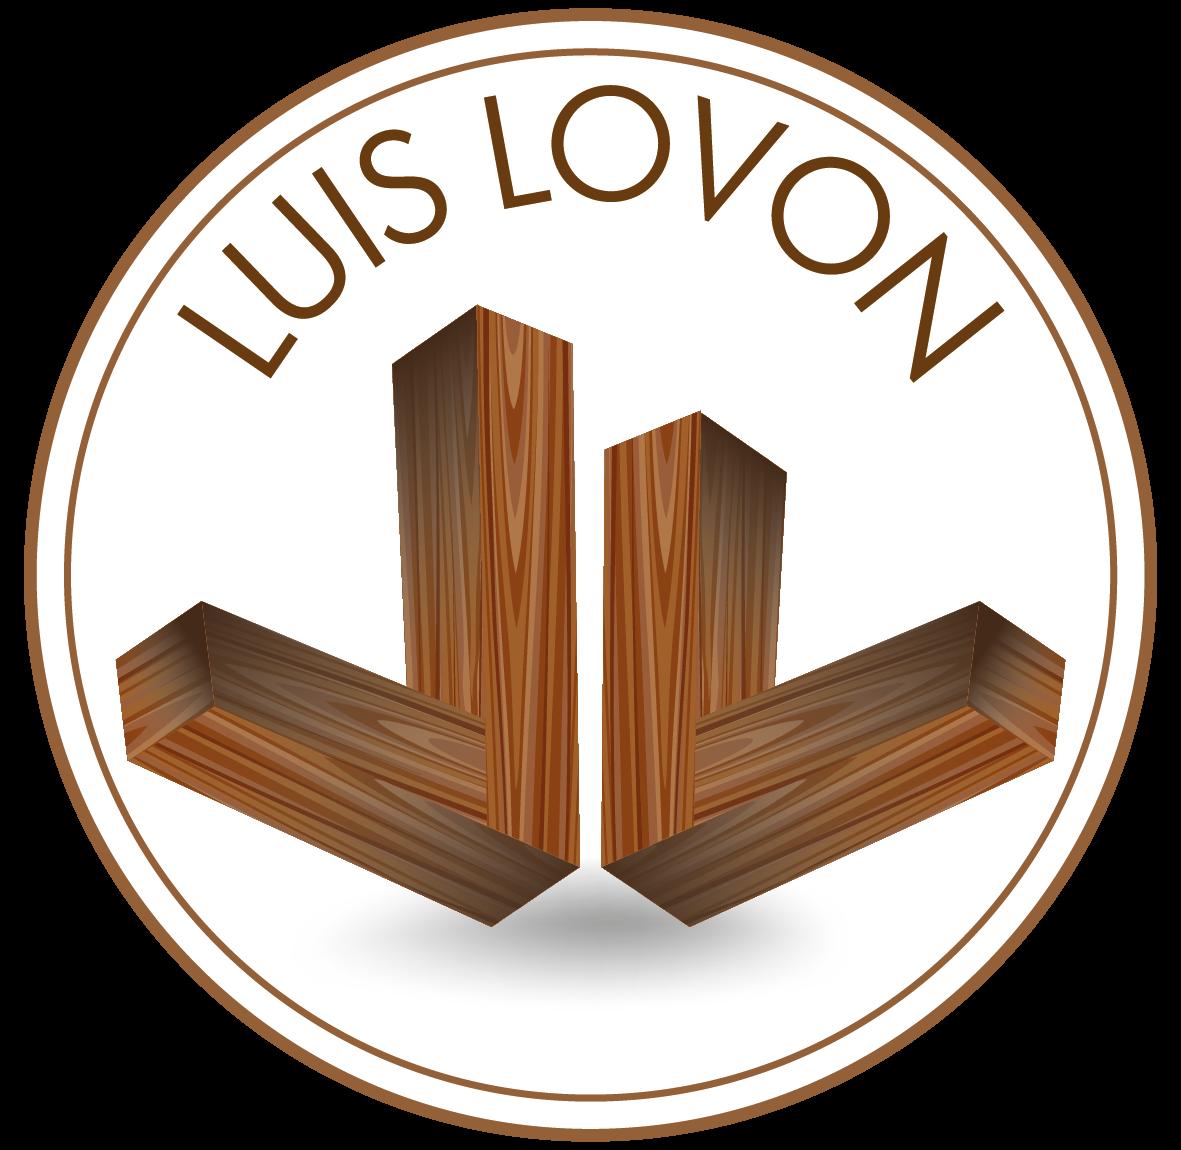 Luis Lovon